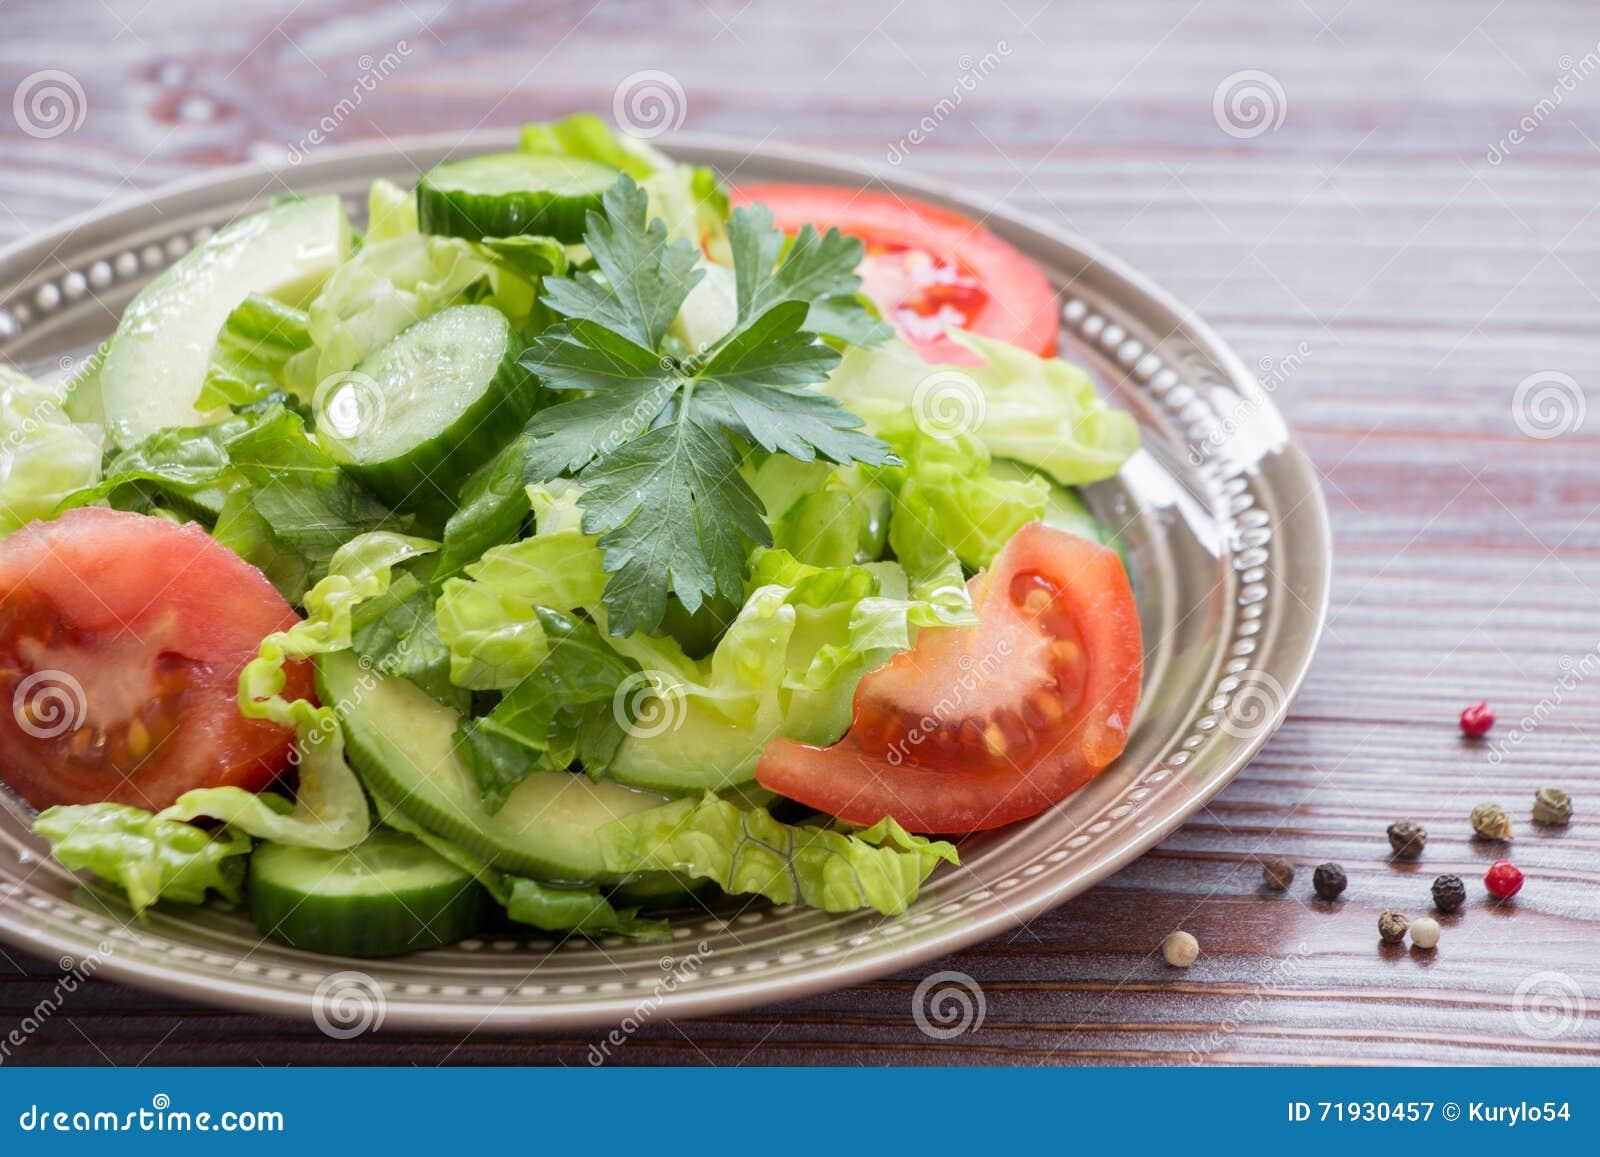 Салат, томат, огурец, салат авокадоа для обеда